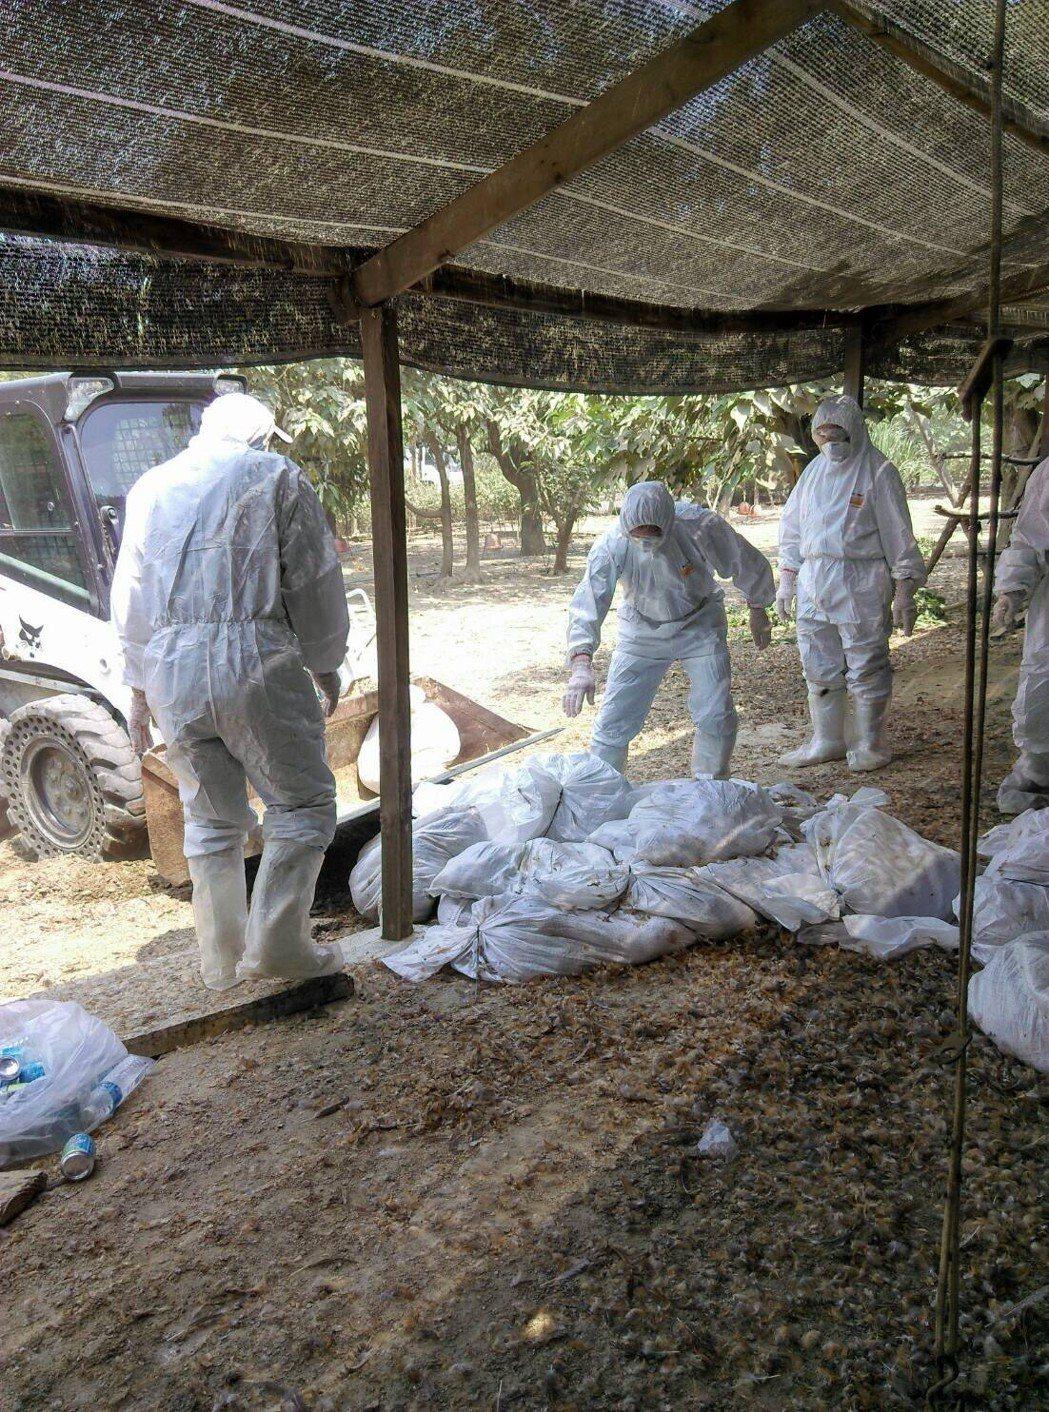 台南市歸仁區1土雞場確診H5N2,撲殺1萬820隻。圖/台南市動物防疫保護處提供